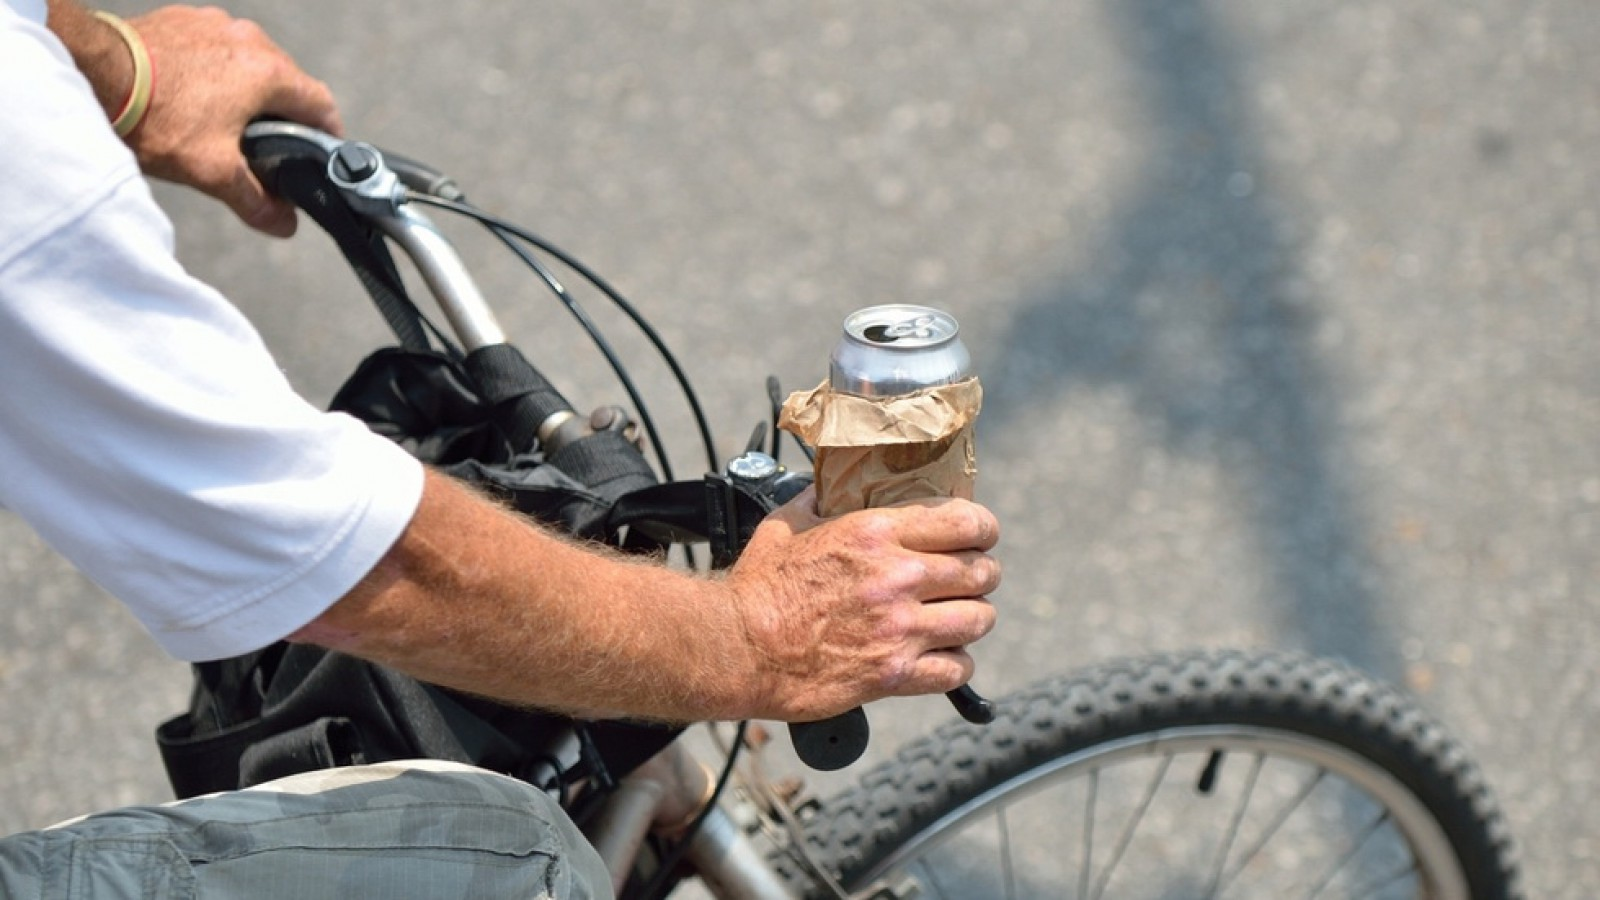 Recordul anului în România. Un biciclist, cu 4.35 mg/l alcool pur în aerul expirat